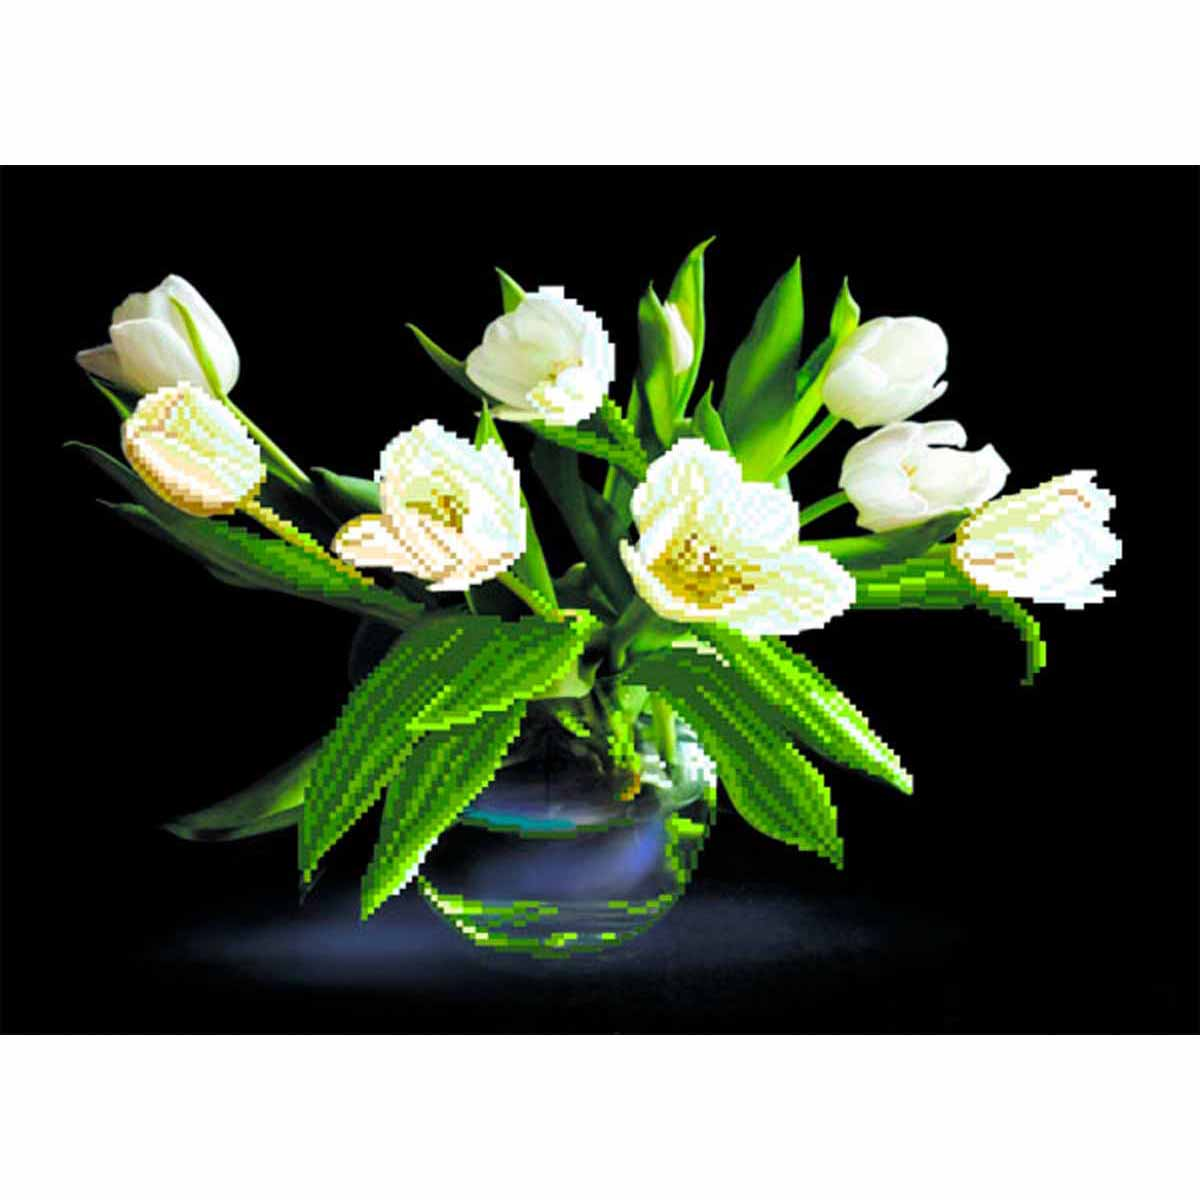 4077 Рисунок на шелке Матренин посад 'Белые тюльпаны' 33*45см (37*49см)